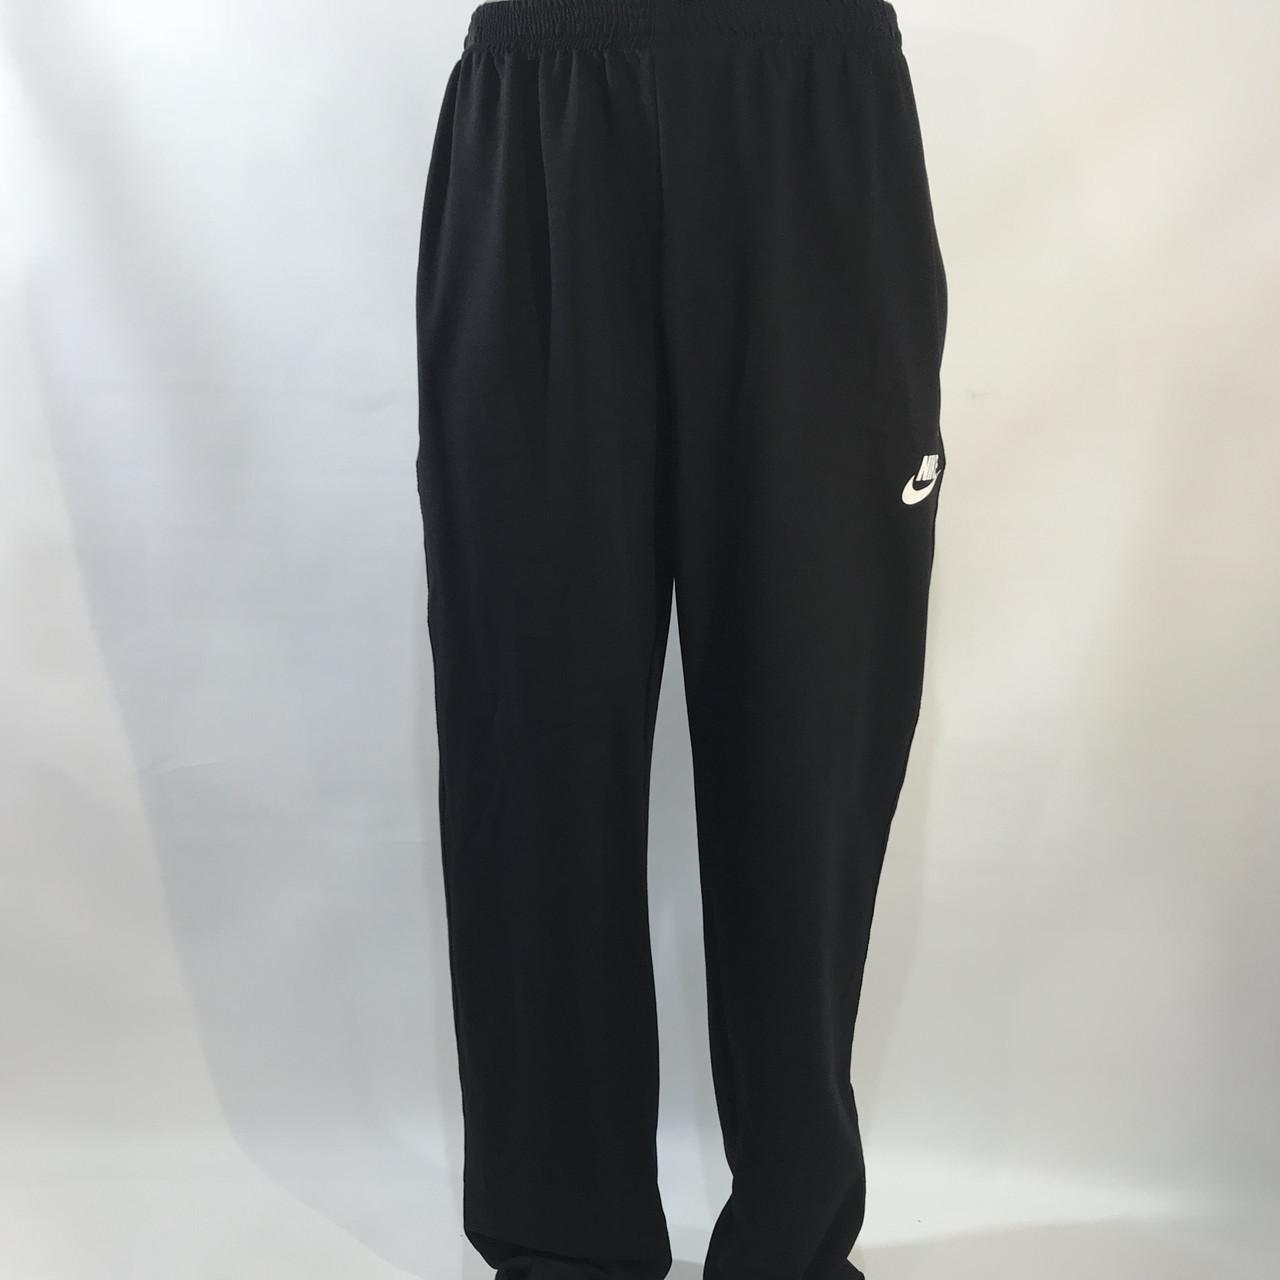 Спортивные штаны Nike (большой размер) / трикотажные / черные